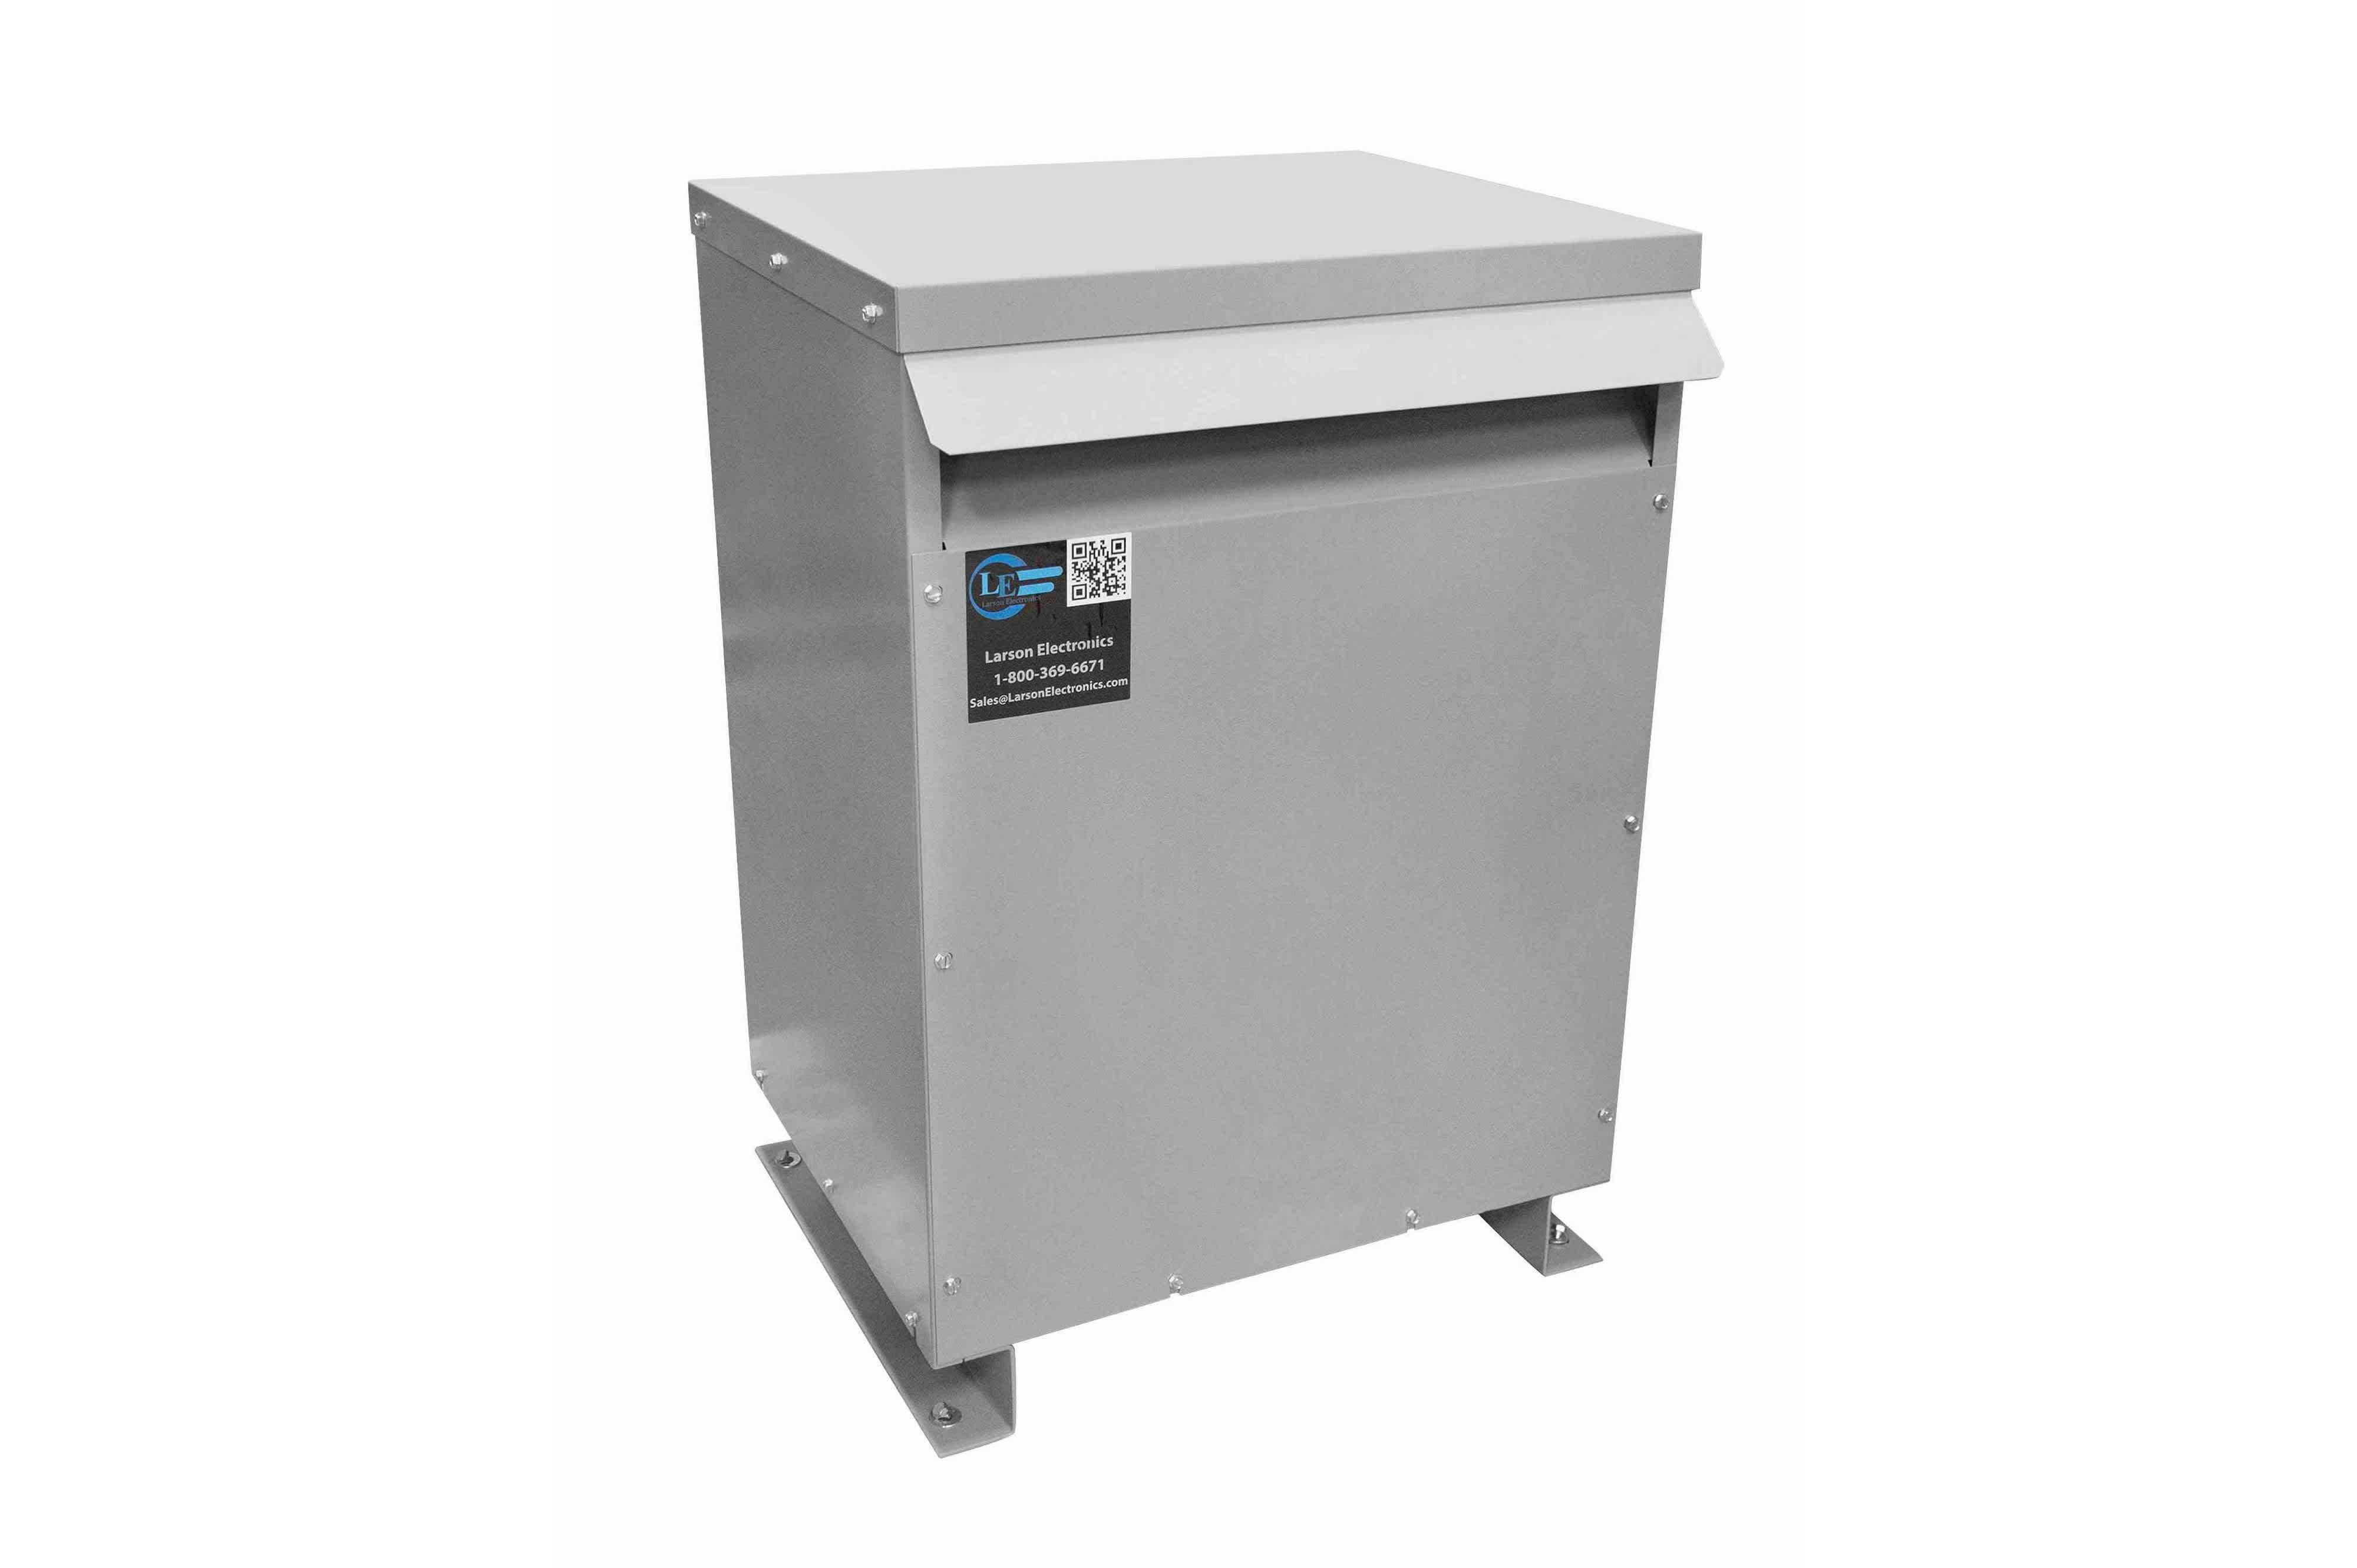 250 kVA 3PH Isolation Transformer, 380V Delta Primary, 480V Delta Secondary, N3R, Ventilated, 60 Hz